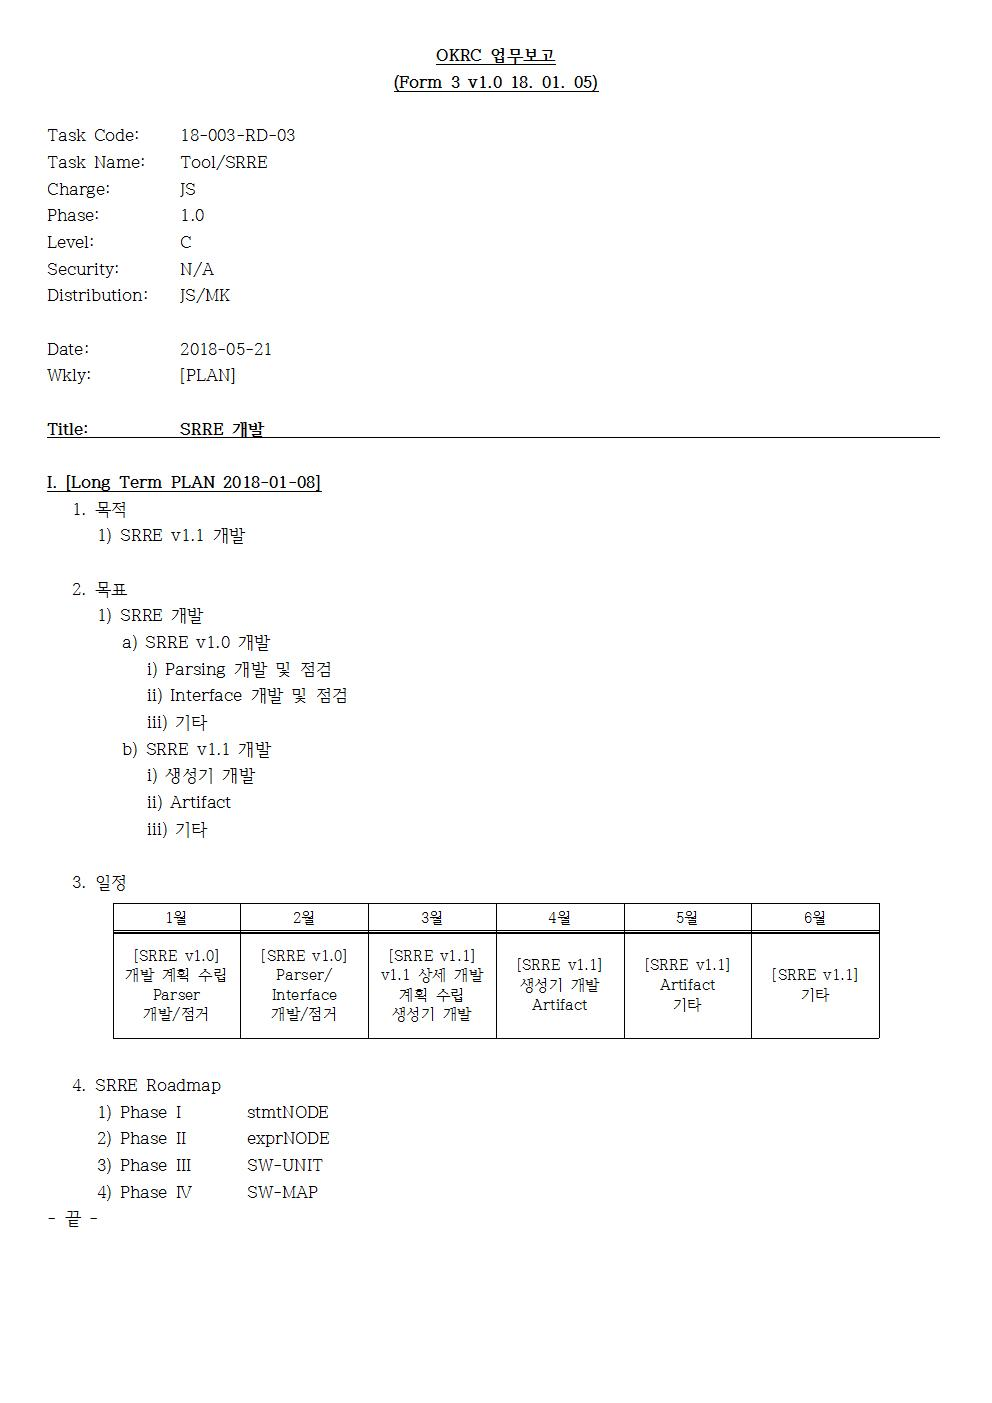 D-[18-003-RD-03]-[SRRE]-[2018-05-21][JS]001.jpg